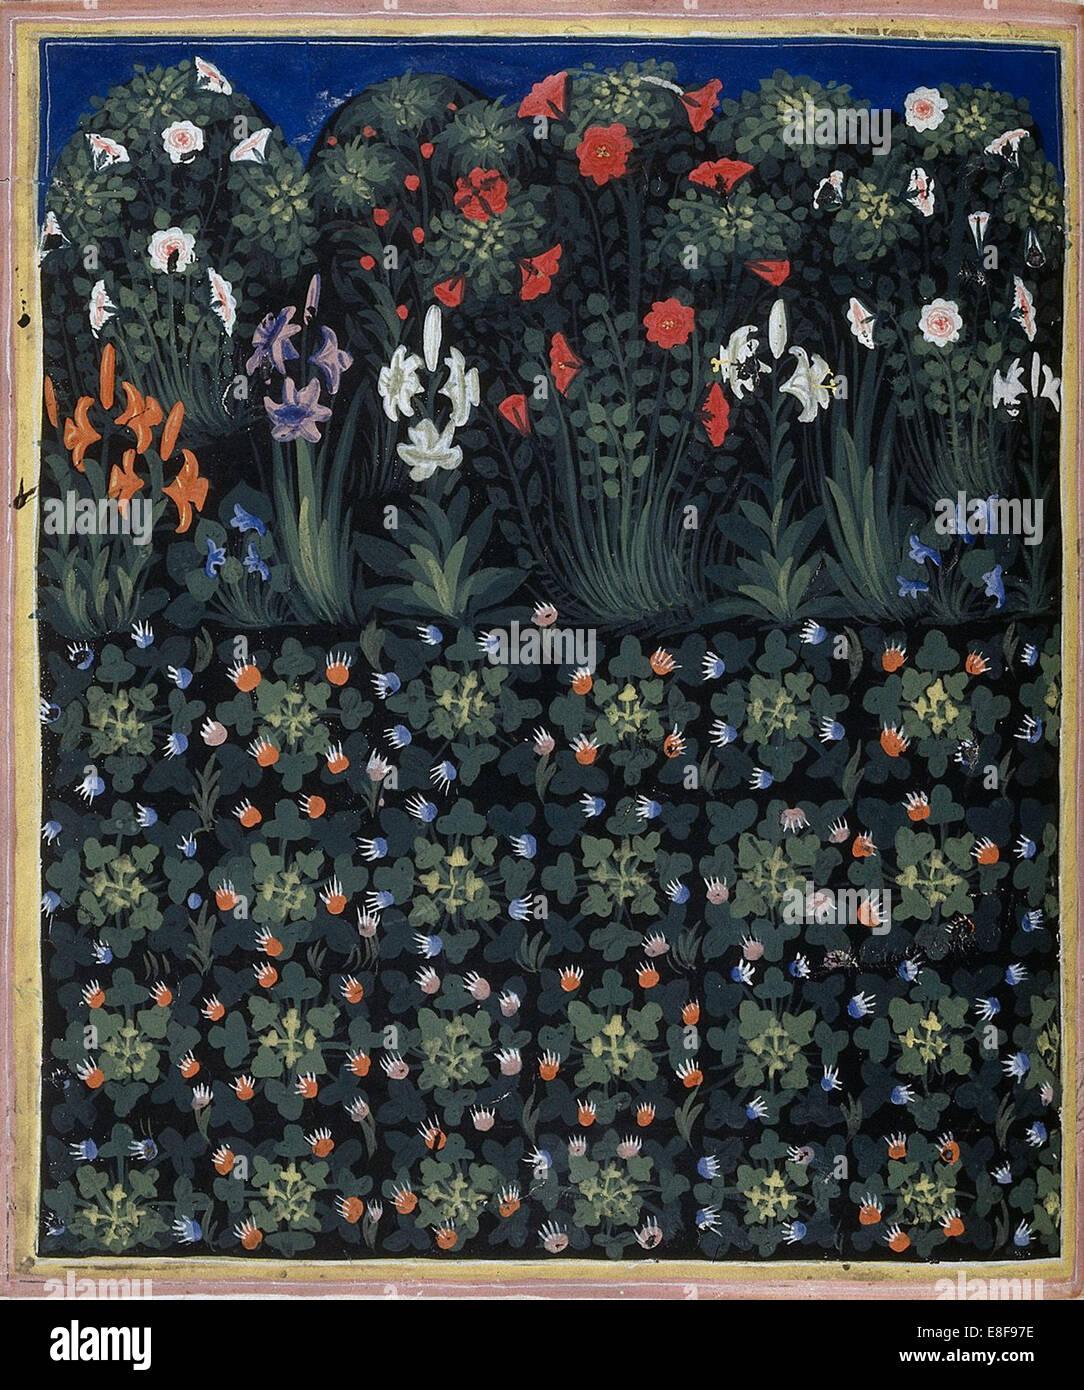 Garden (From Regia Carmina by Convenevole da Prato). Artist: Pacino di Buonaguida (active 1302-1343) - Stock Image